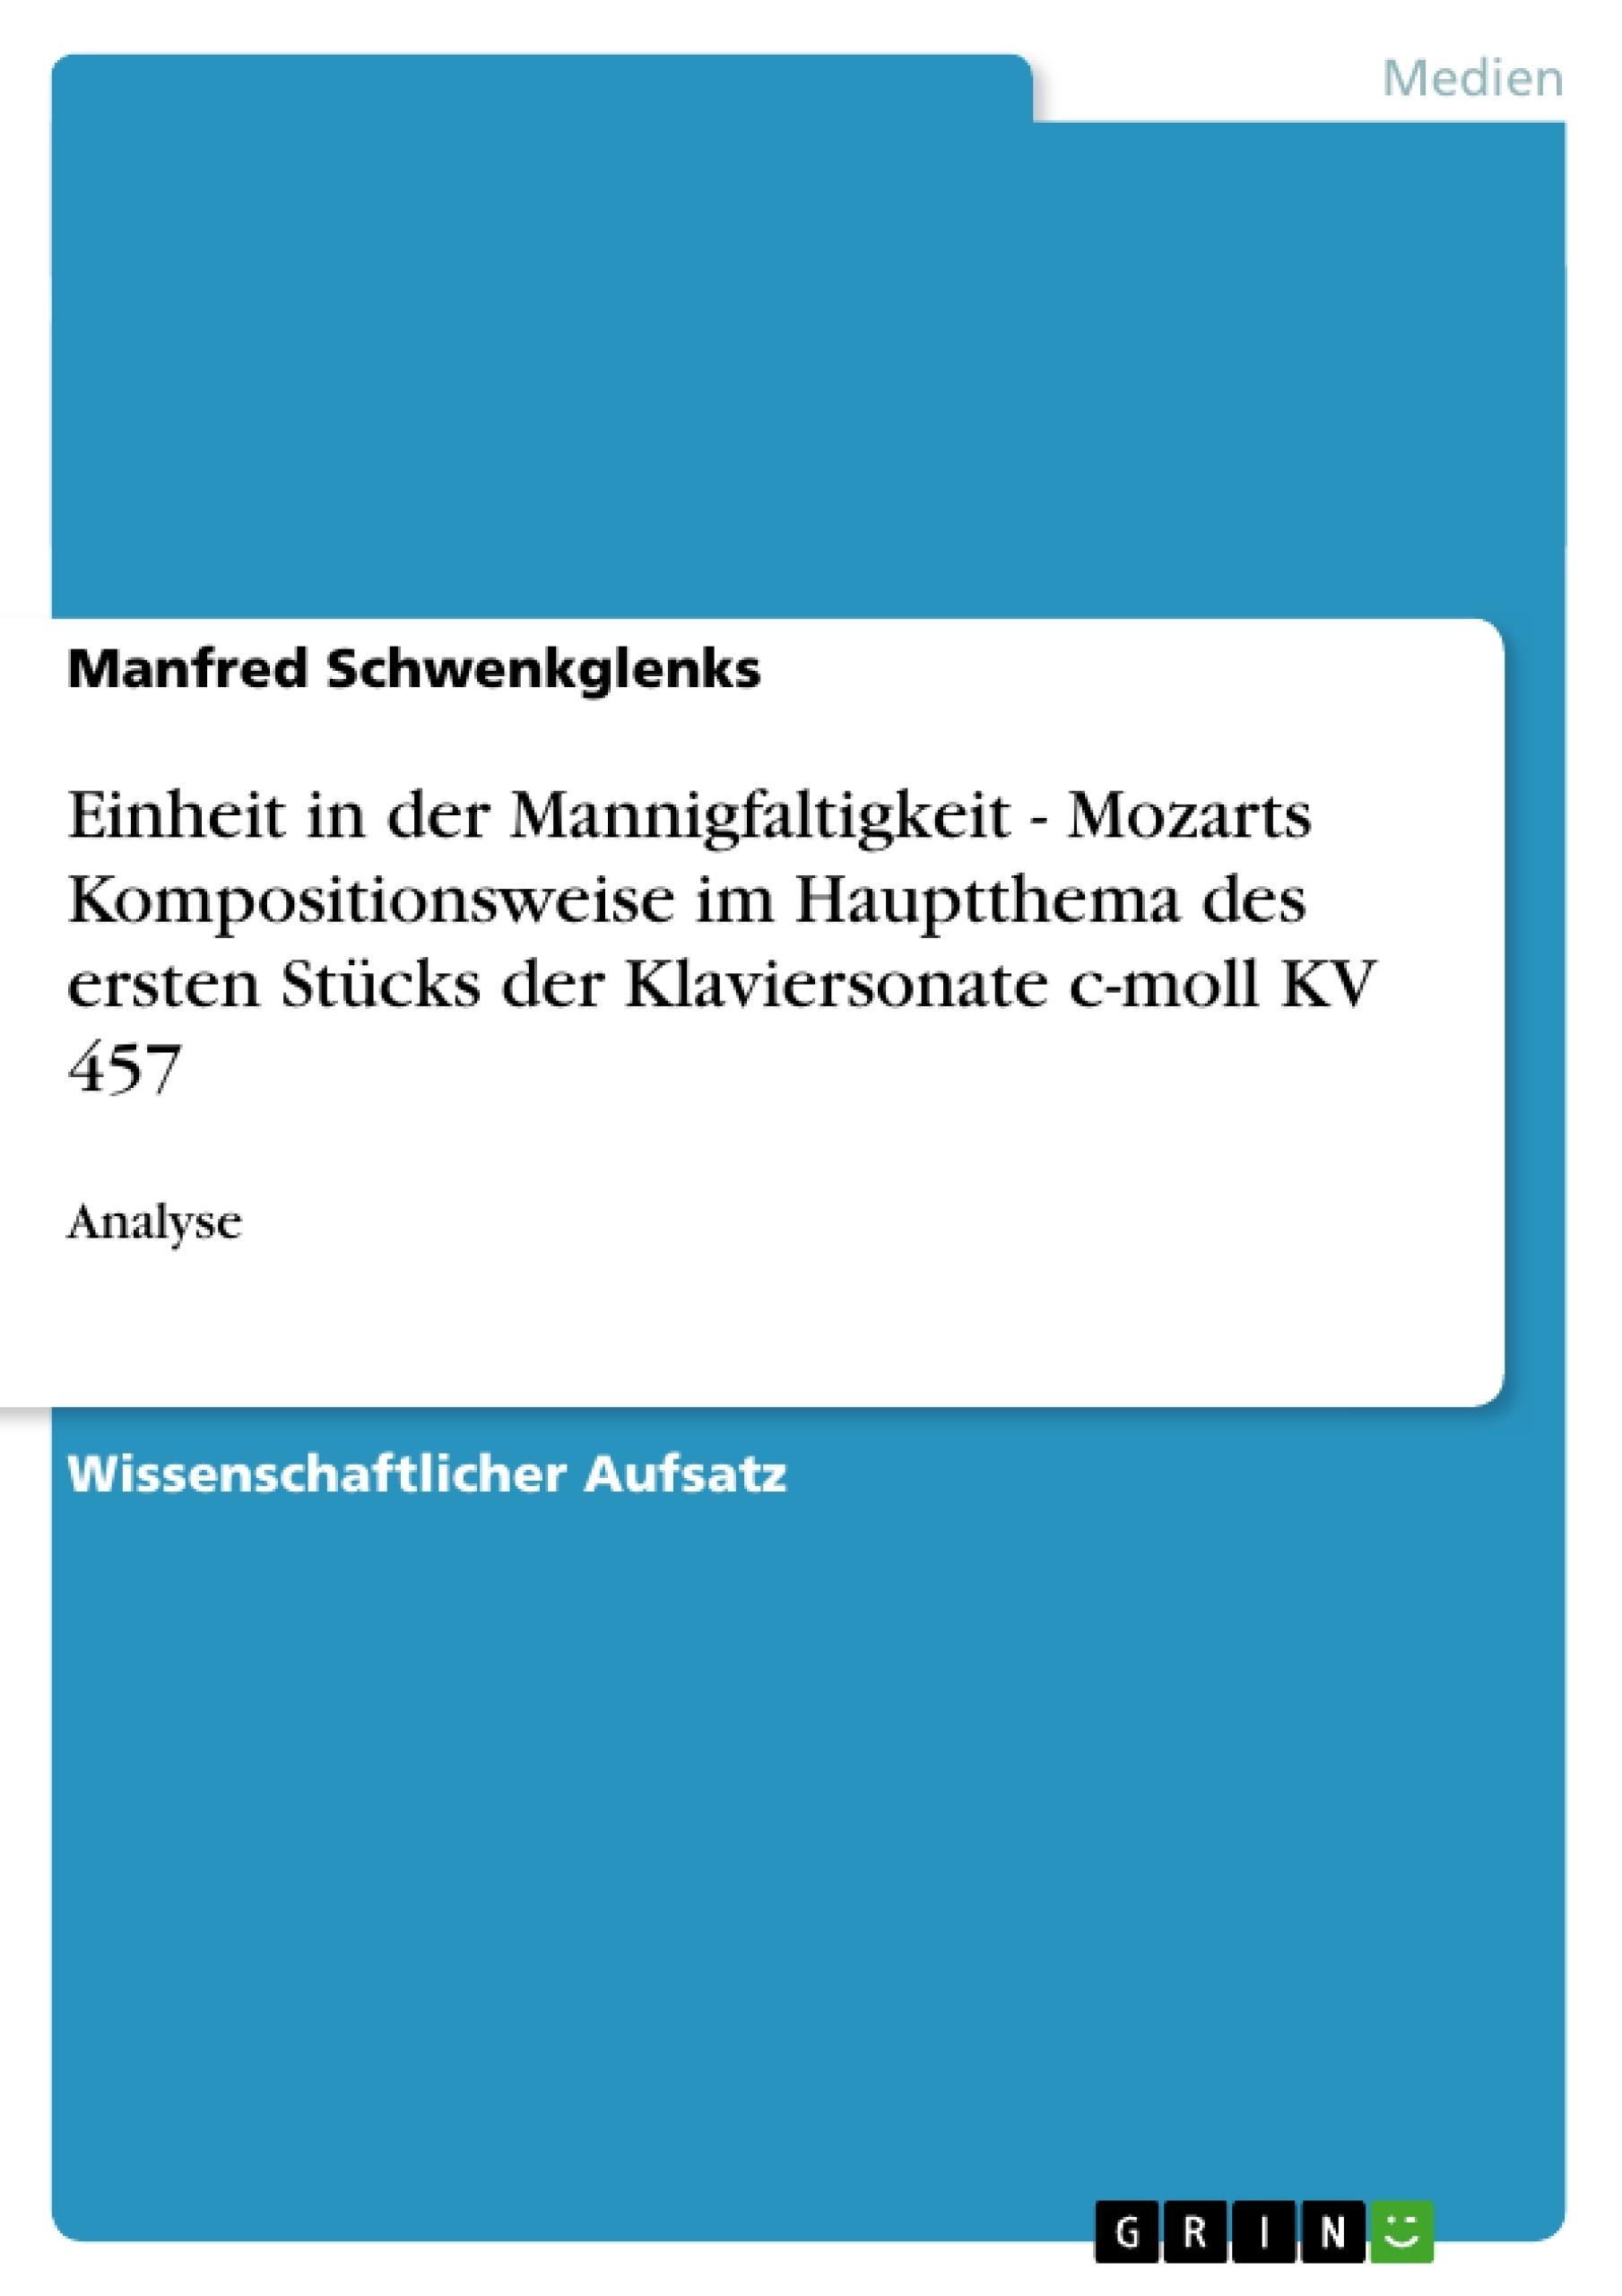 Titel: Einheit in der Mannigfaltigkeit - Mozarts Kompositionsweise im Hauptthema des ersten Stücks der Klaviersonate c-moll KV 457